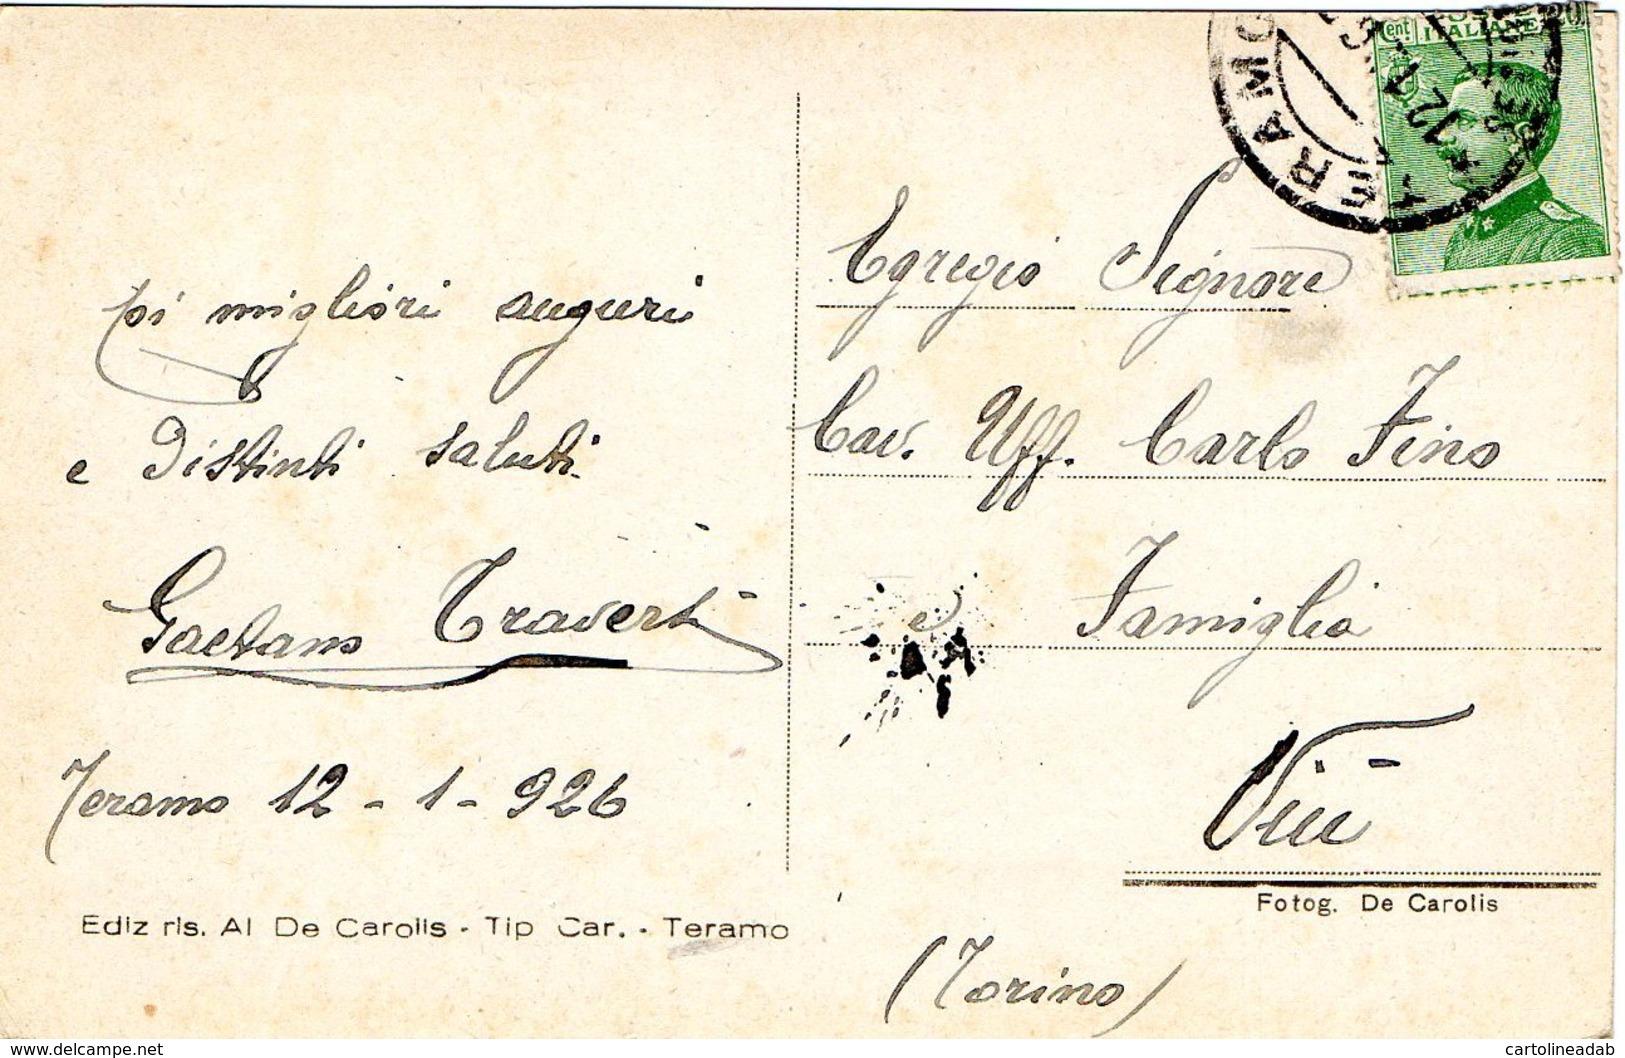 [DC7548] CPA - TERAMO - GRAN SASSO D'ITALIA - Viaggiata 1926 - Old Postcard - Teramo